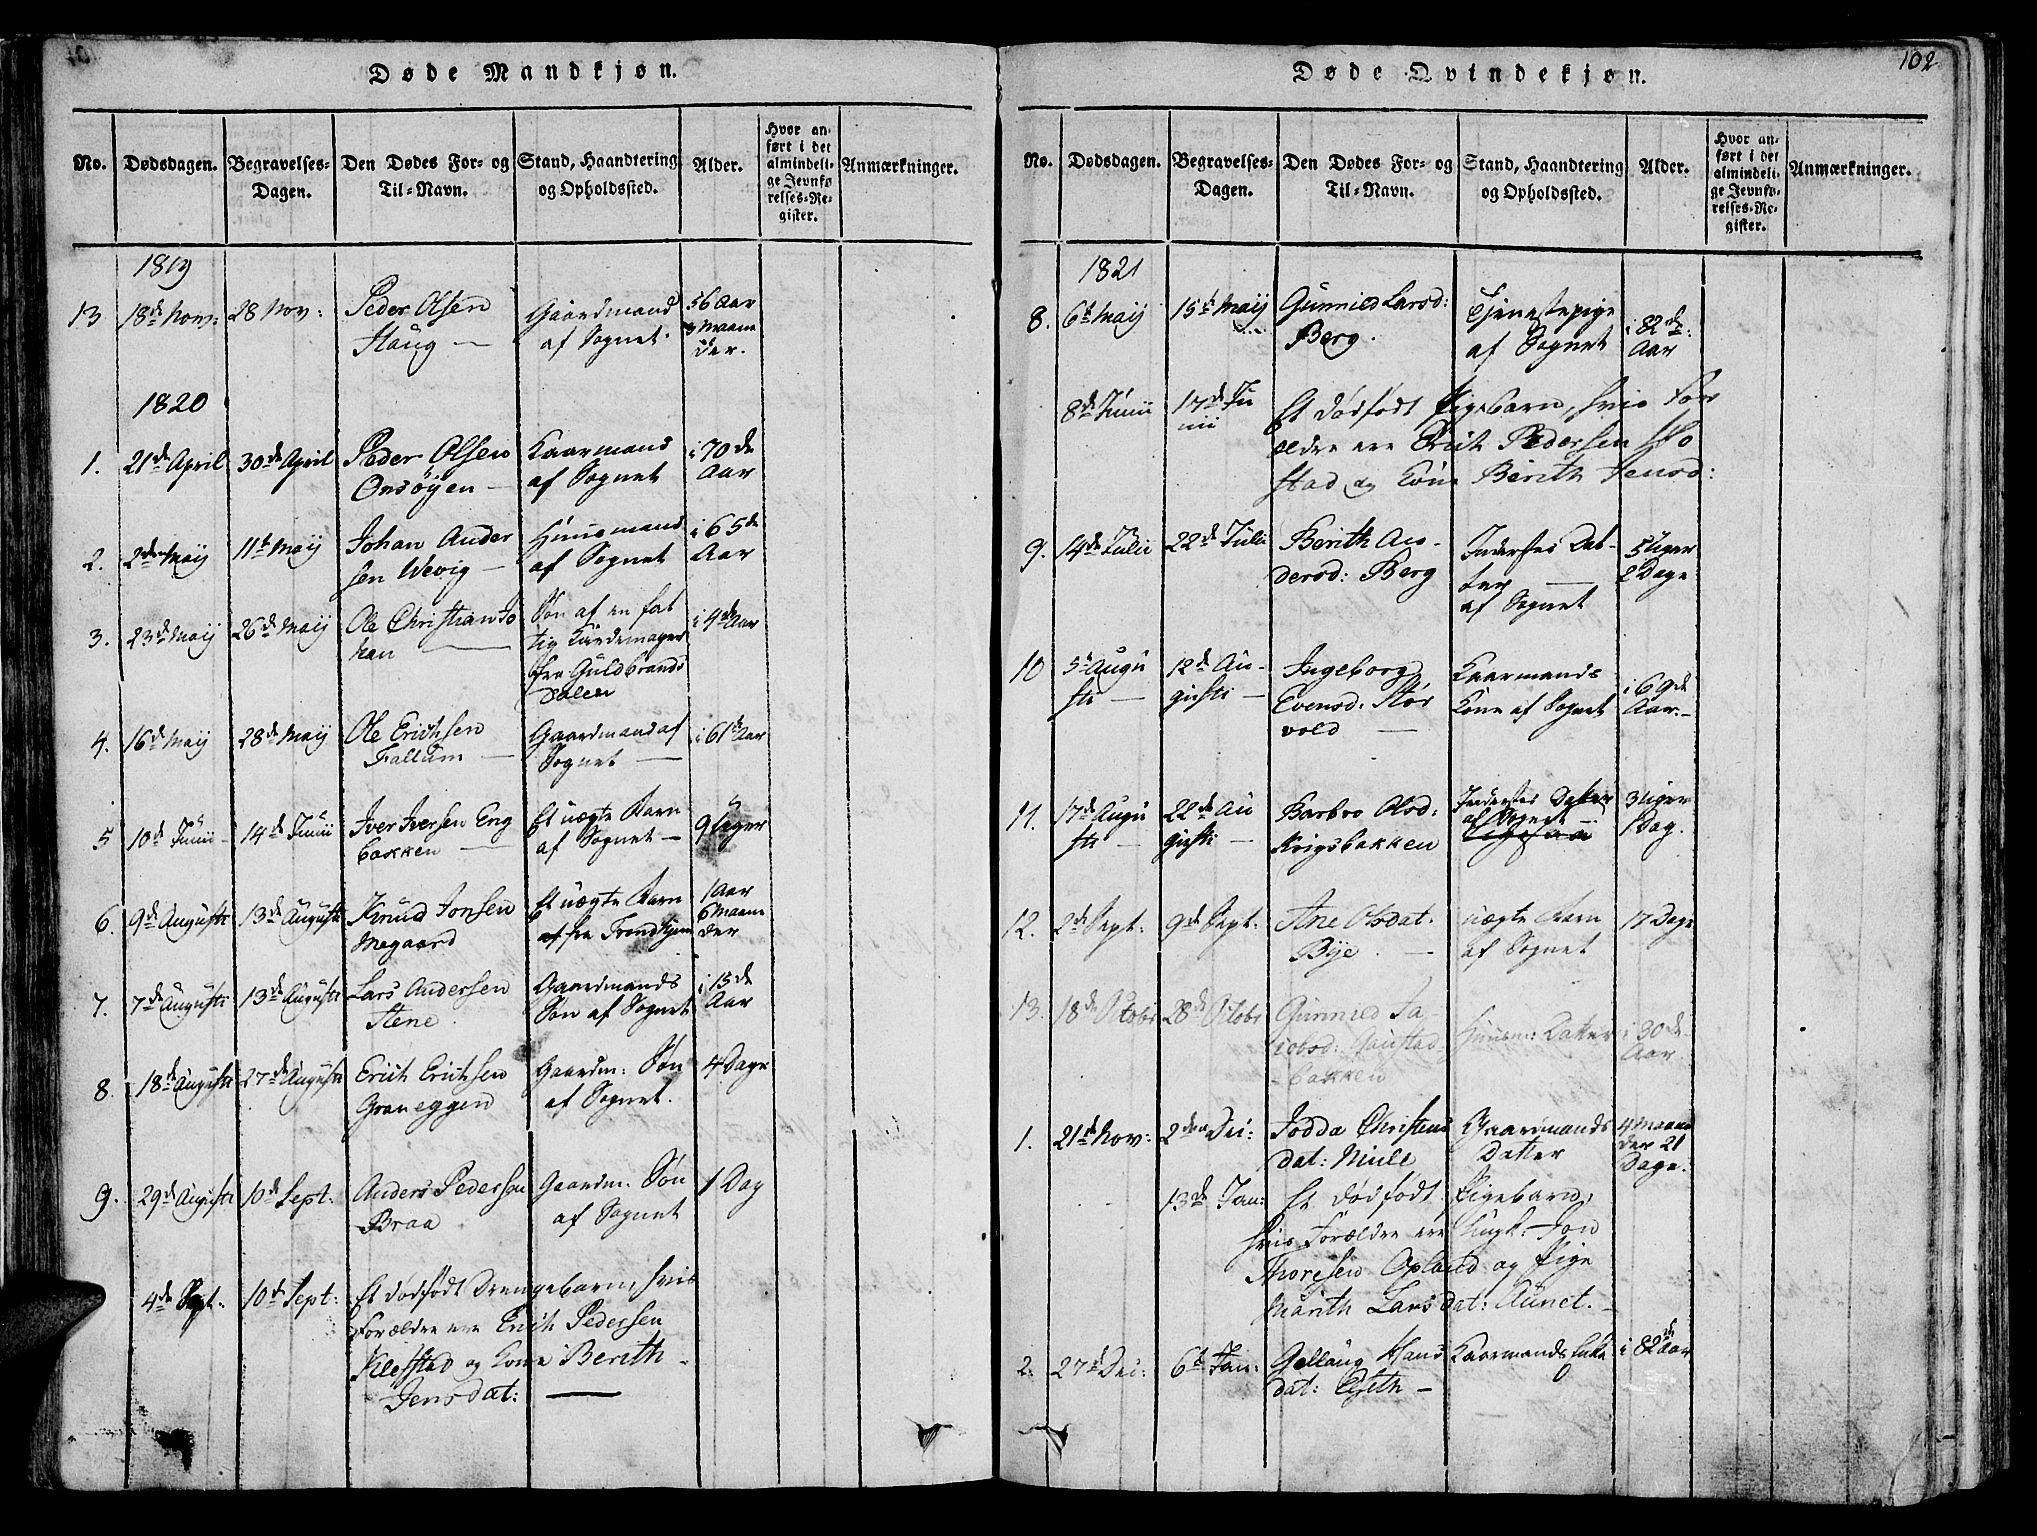 SAT, Ministerialprotokoller, klokkerbøker og fødselsregistre - Sør-Trøndelag, 612/L0372: Ministerialbok nr. 612A06 /1, 1816-1828, s. 102